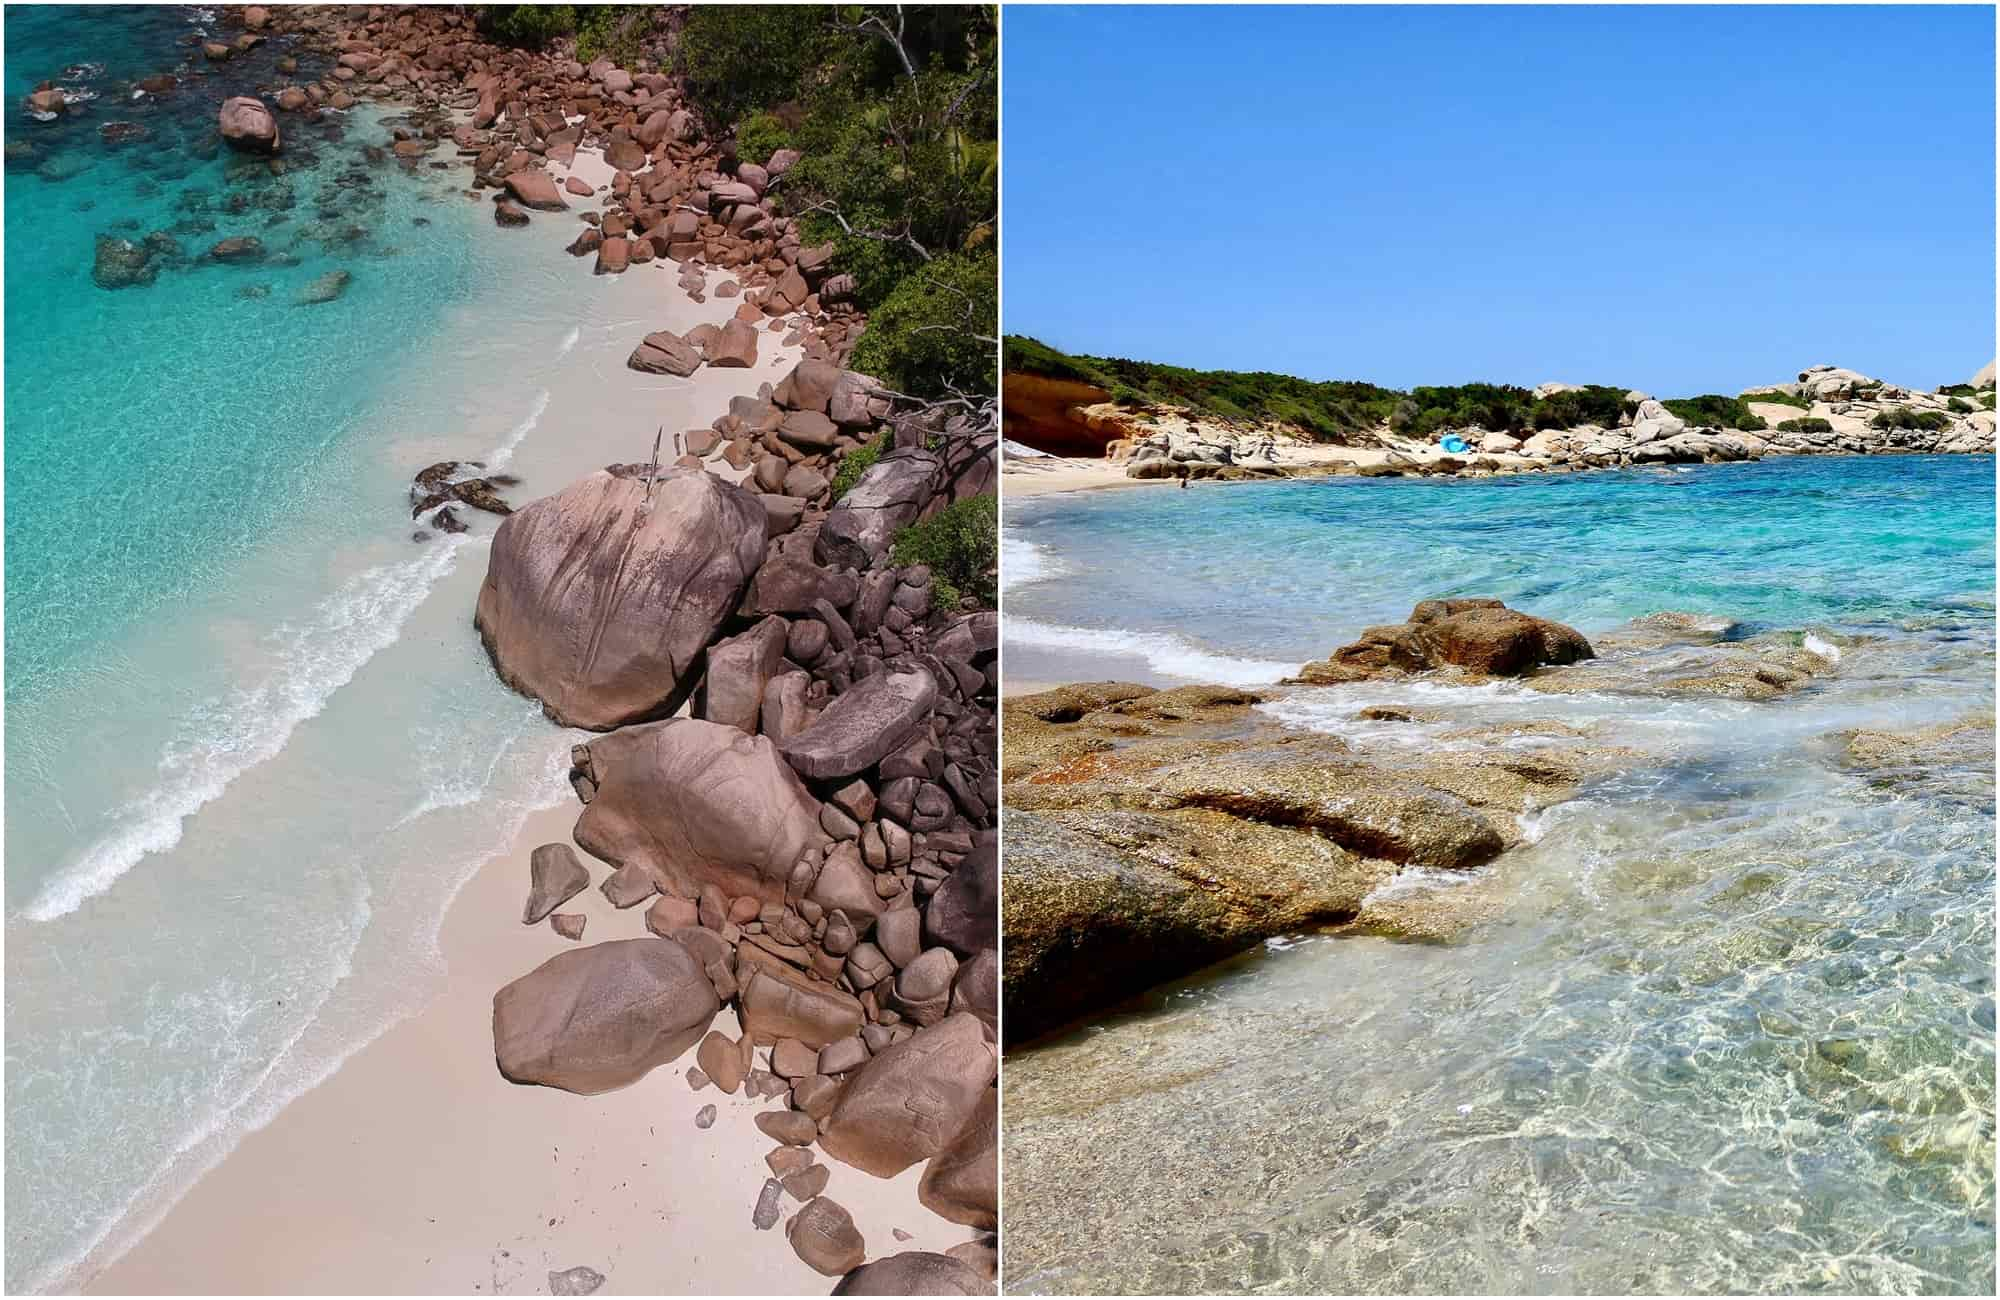 Voyage Sardaigne - Seychelles - Amplitudes